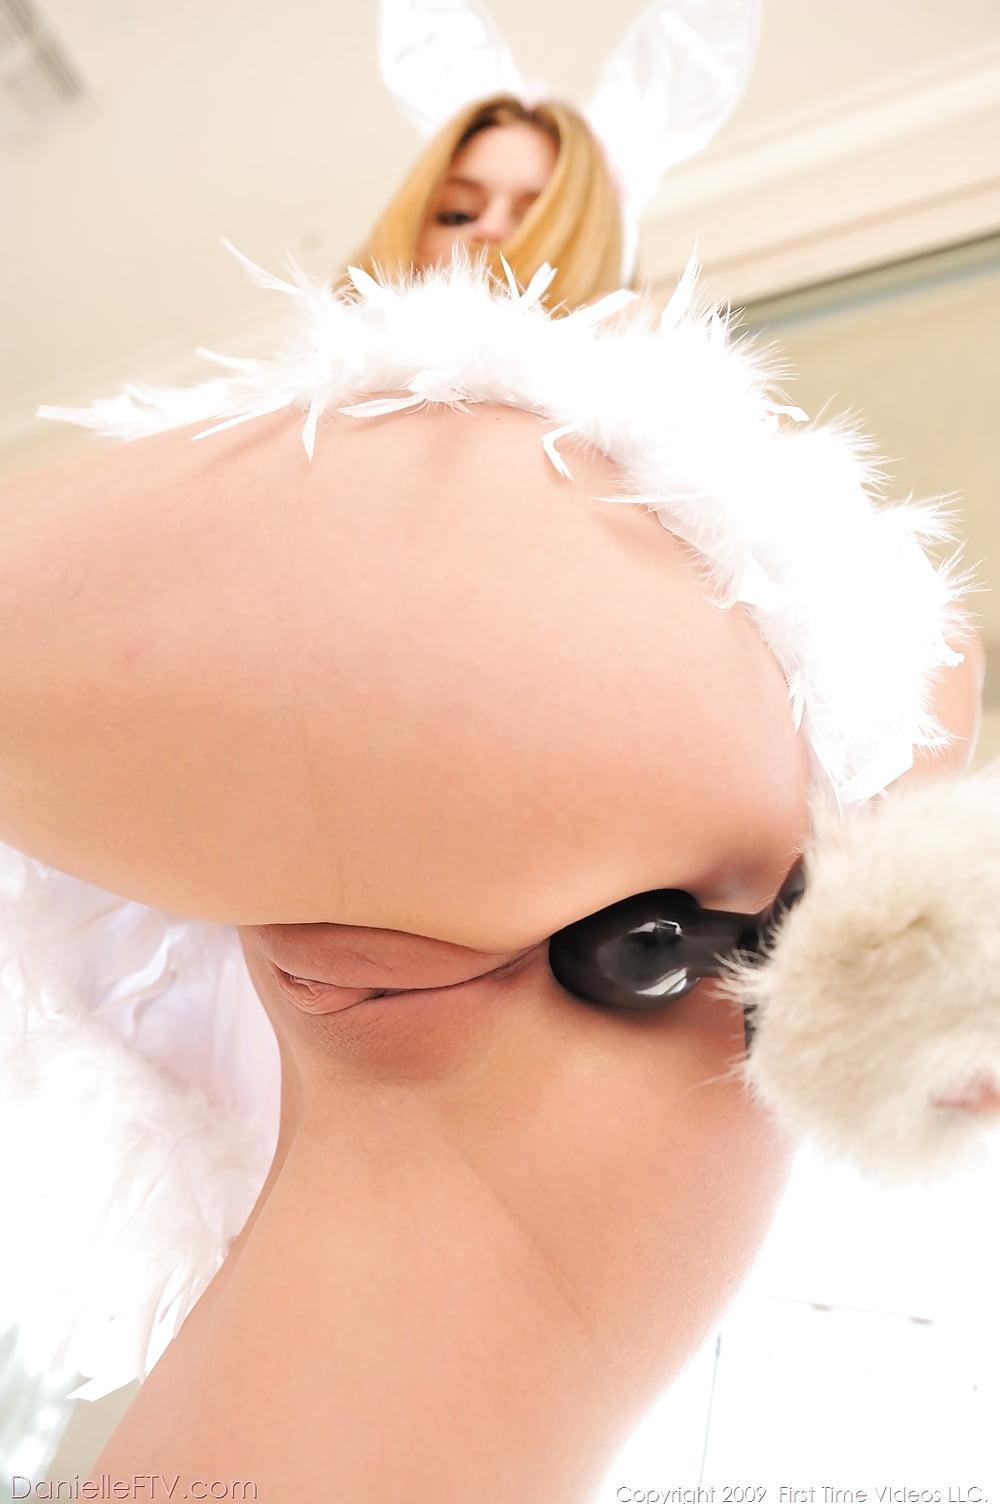 девушки с анальными хвостиками картинки - 9